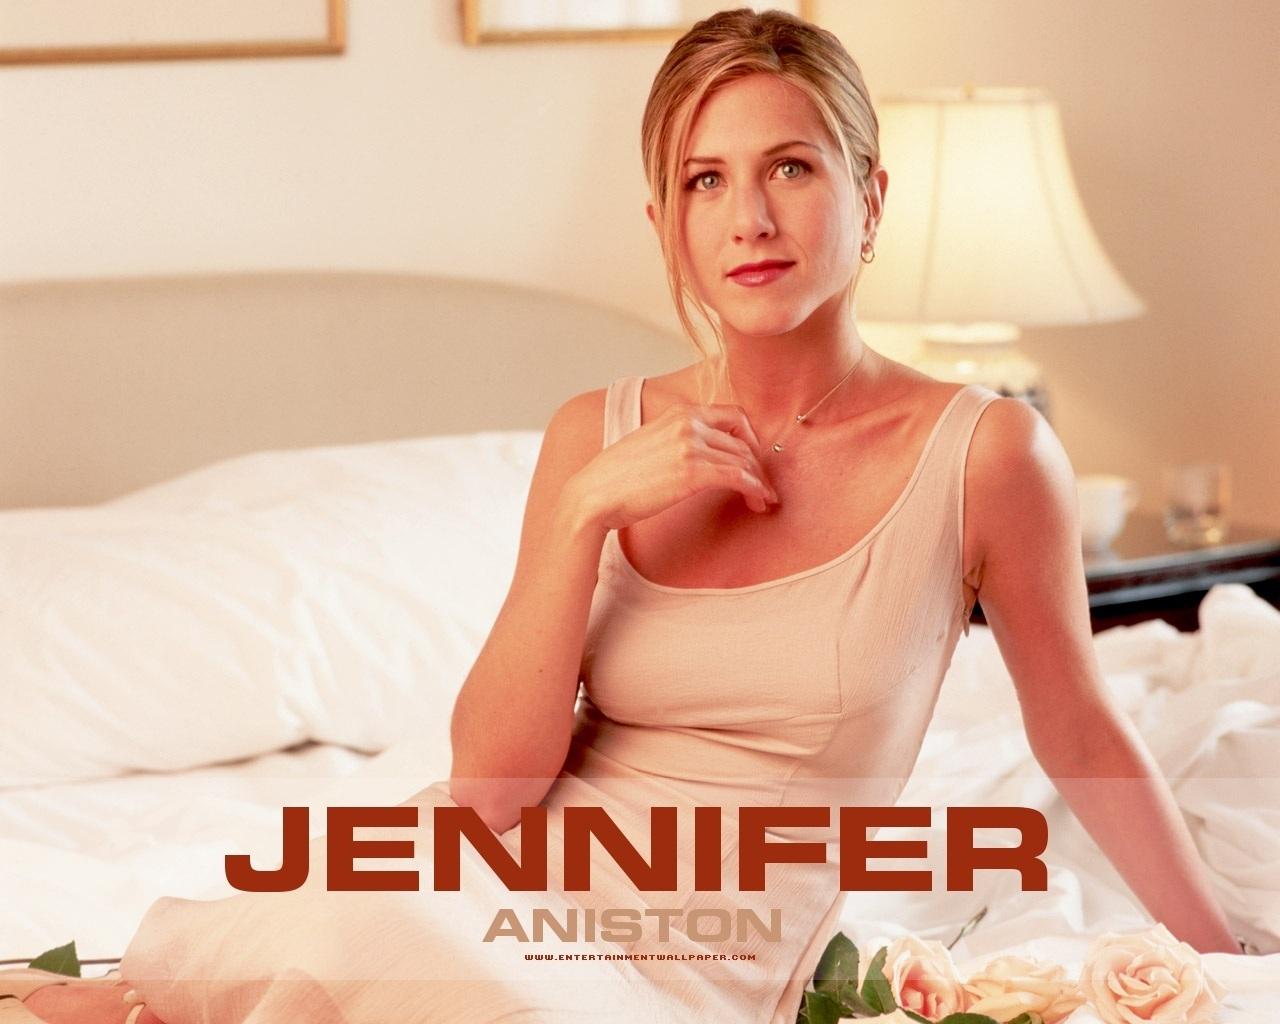 http://4.bp.blogspot.com/-2ORb_zrAj6U/UHij4xlWI_I/AAAAAAAACNE/kGsOYkXB2q8/s1600/2-Jennifer-Aniston.jpg